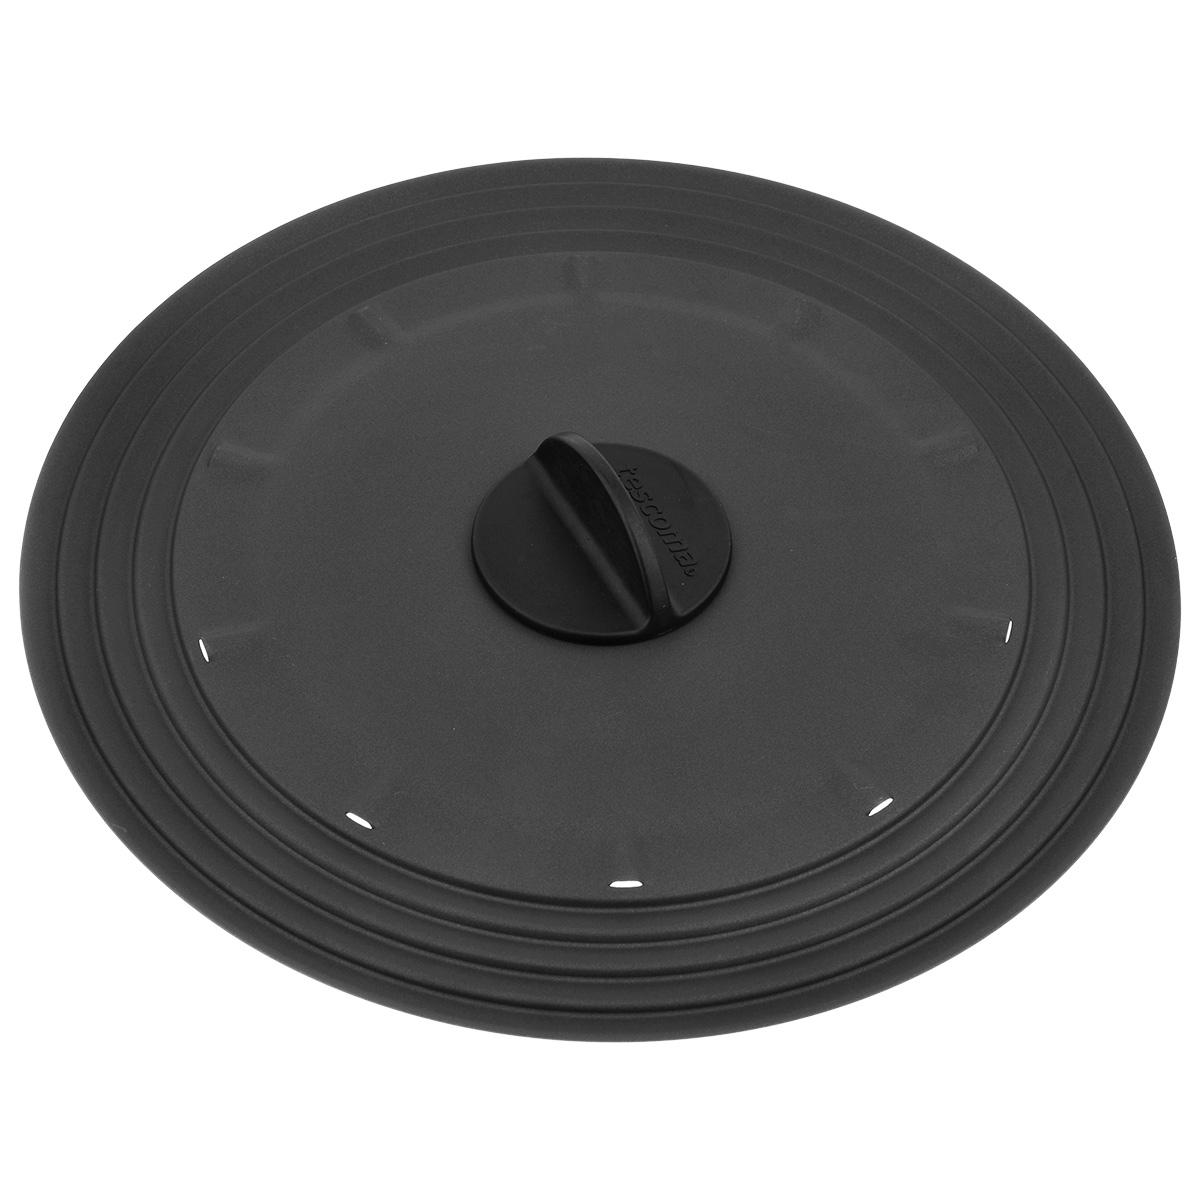 Крышка универсальная Tescoma Presto, для сковородок диаметром 26-30 см391602Крышка Tescoma Presto подходит в качестве универсальной крышки к сковородам диаметром 26-30 см. Изготовлена из огнеупорного нейлона с высококачественным антипригарным покрытием для легкой очистки. Имеет несколько отверстий для выхода пара. Ручка не нагревается.Можно мыть в посудомоечной машине.